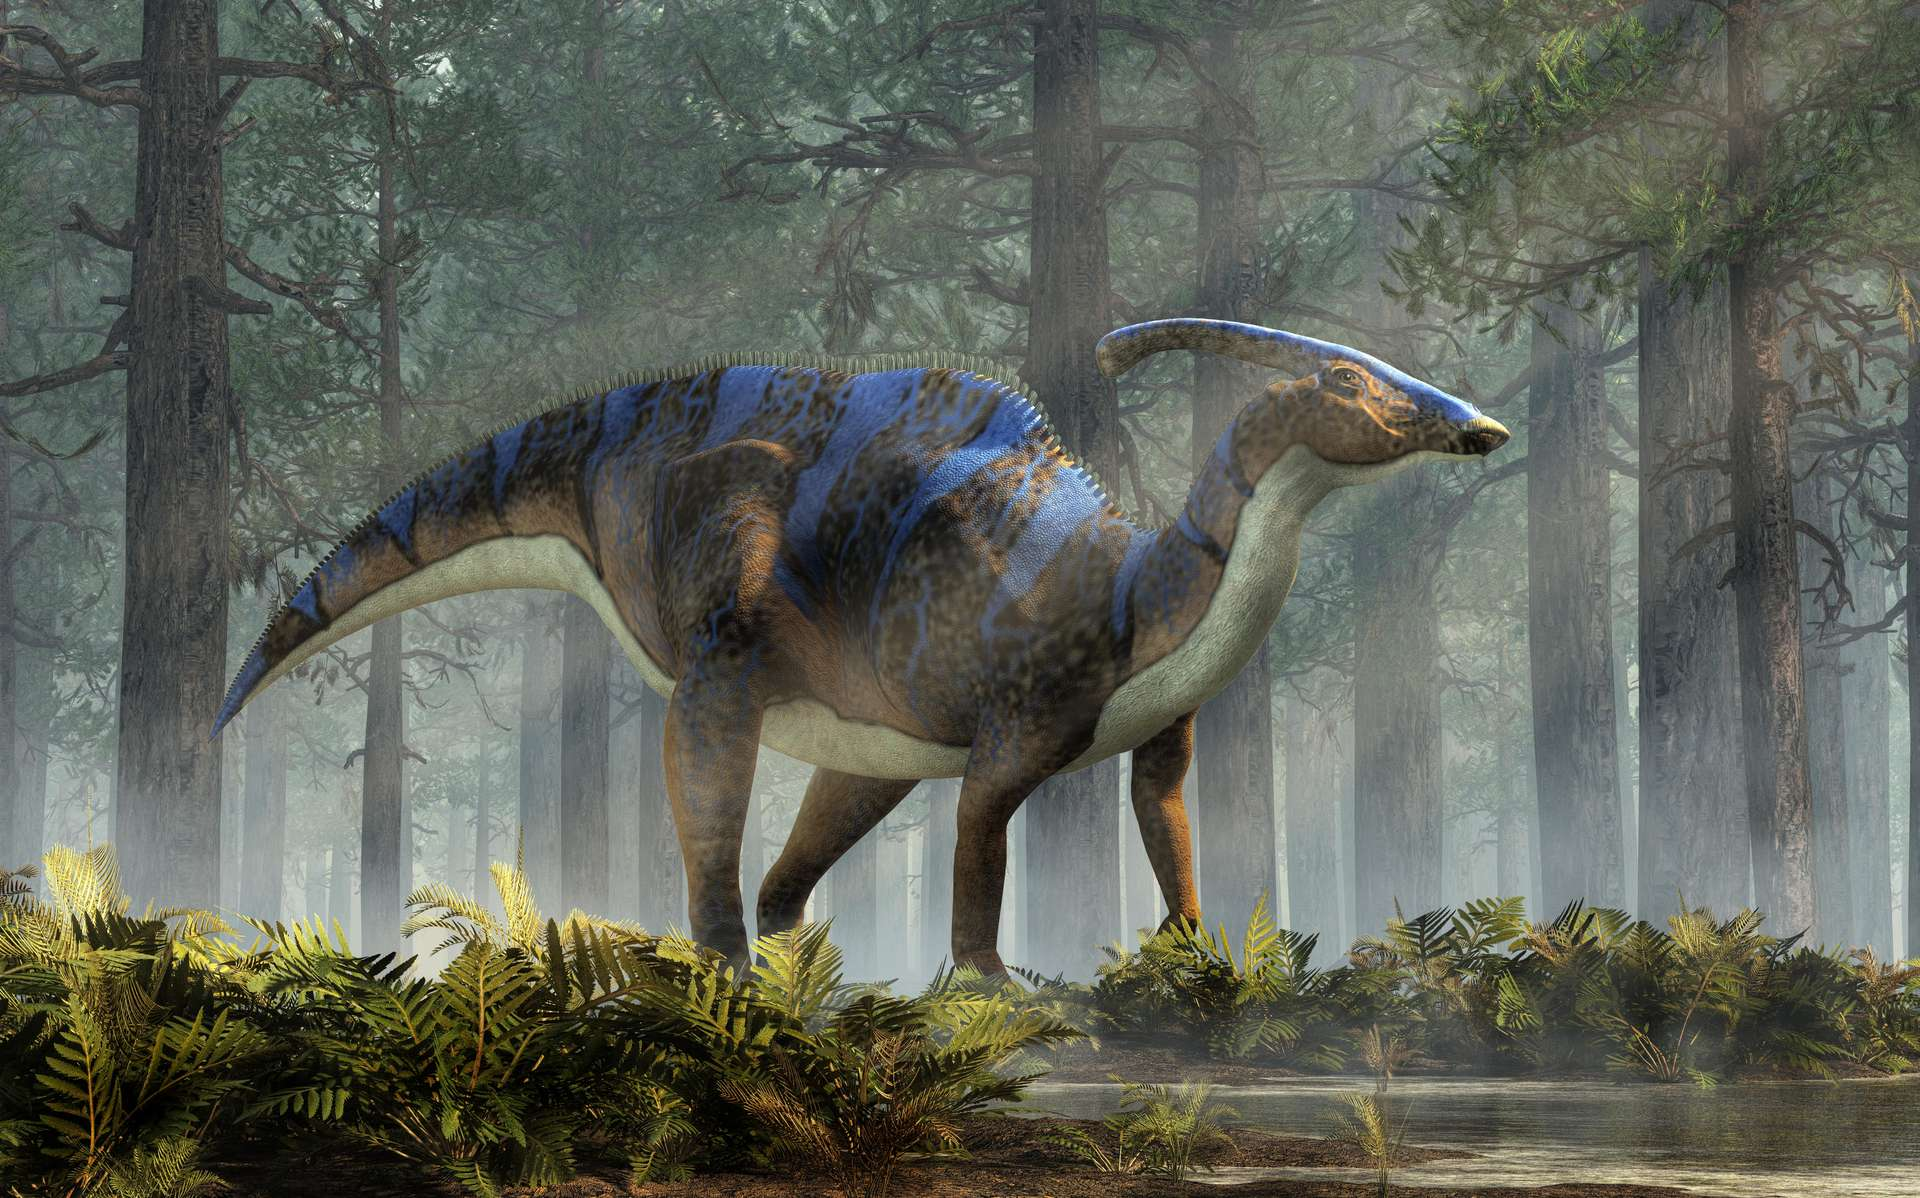 Le Parasaurolophus pesait environ 2,5 tonnes. © Daniel, Adobe Stock